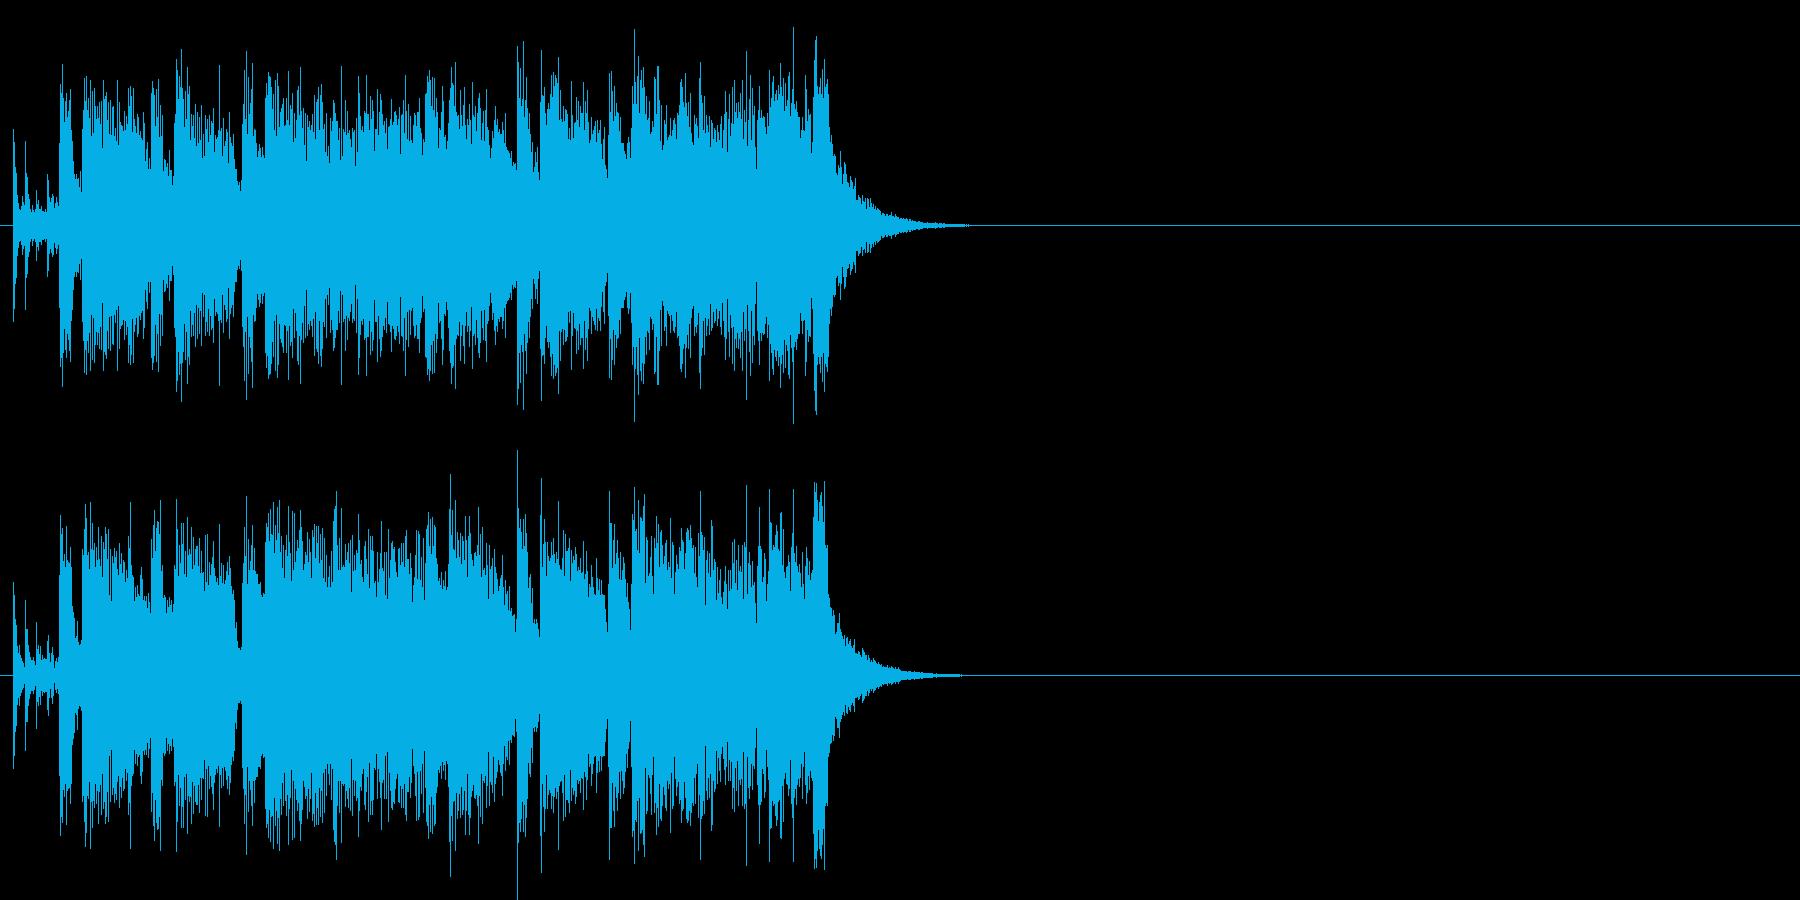 フュージョン/#1のジングル・バージョンの再生済みの波形